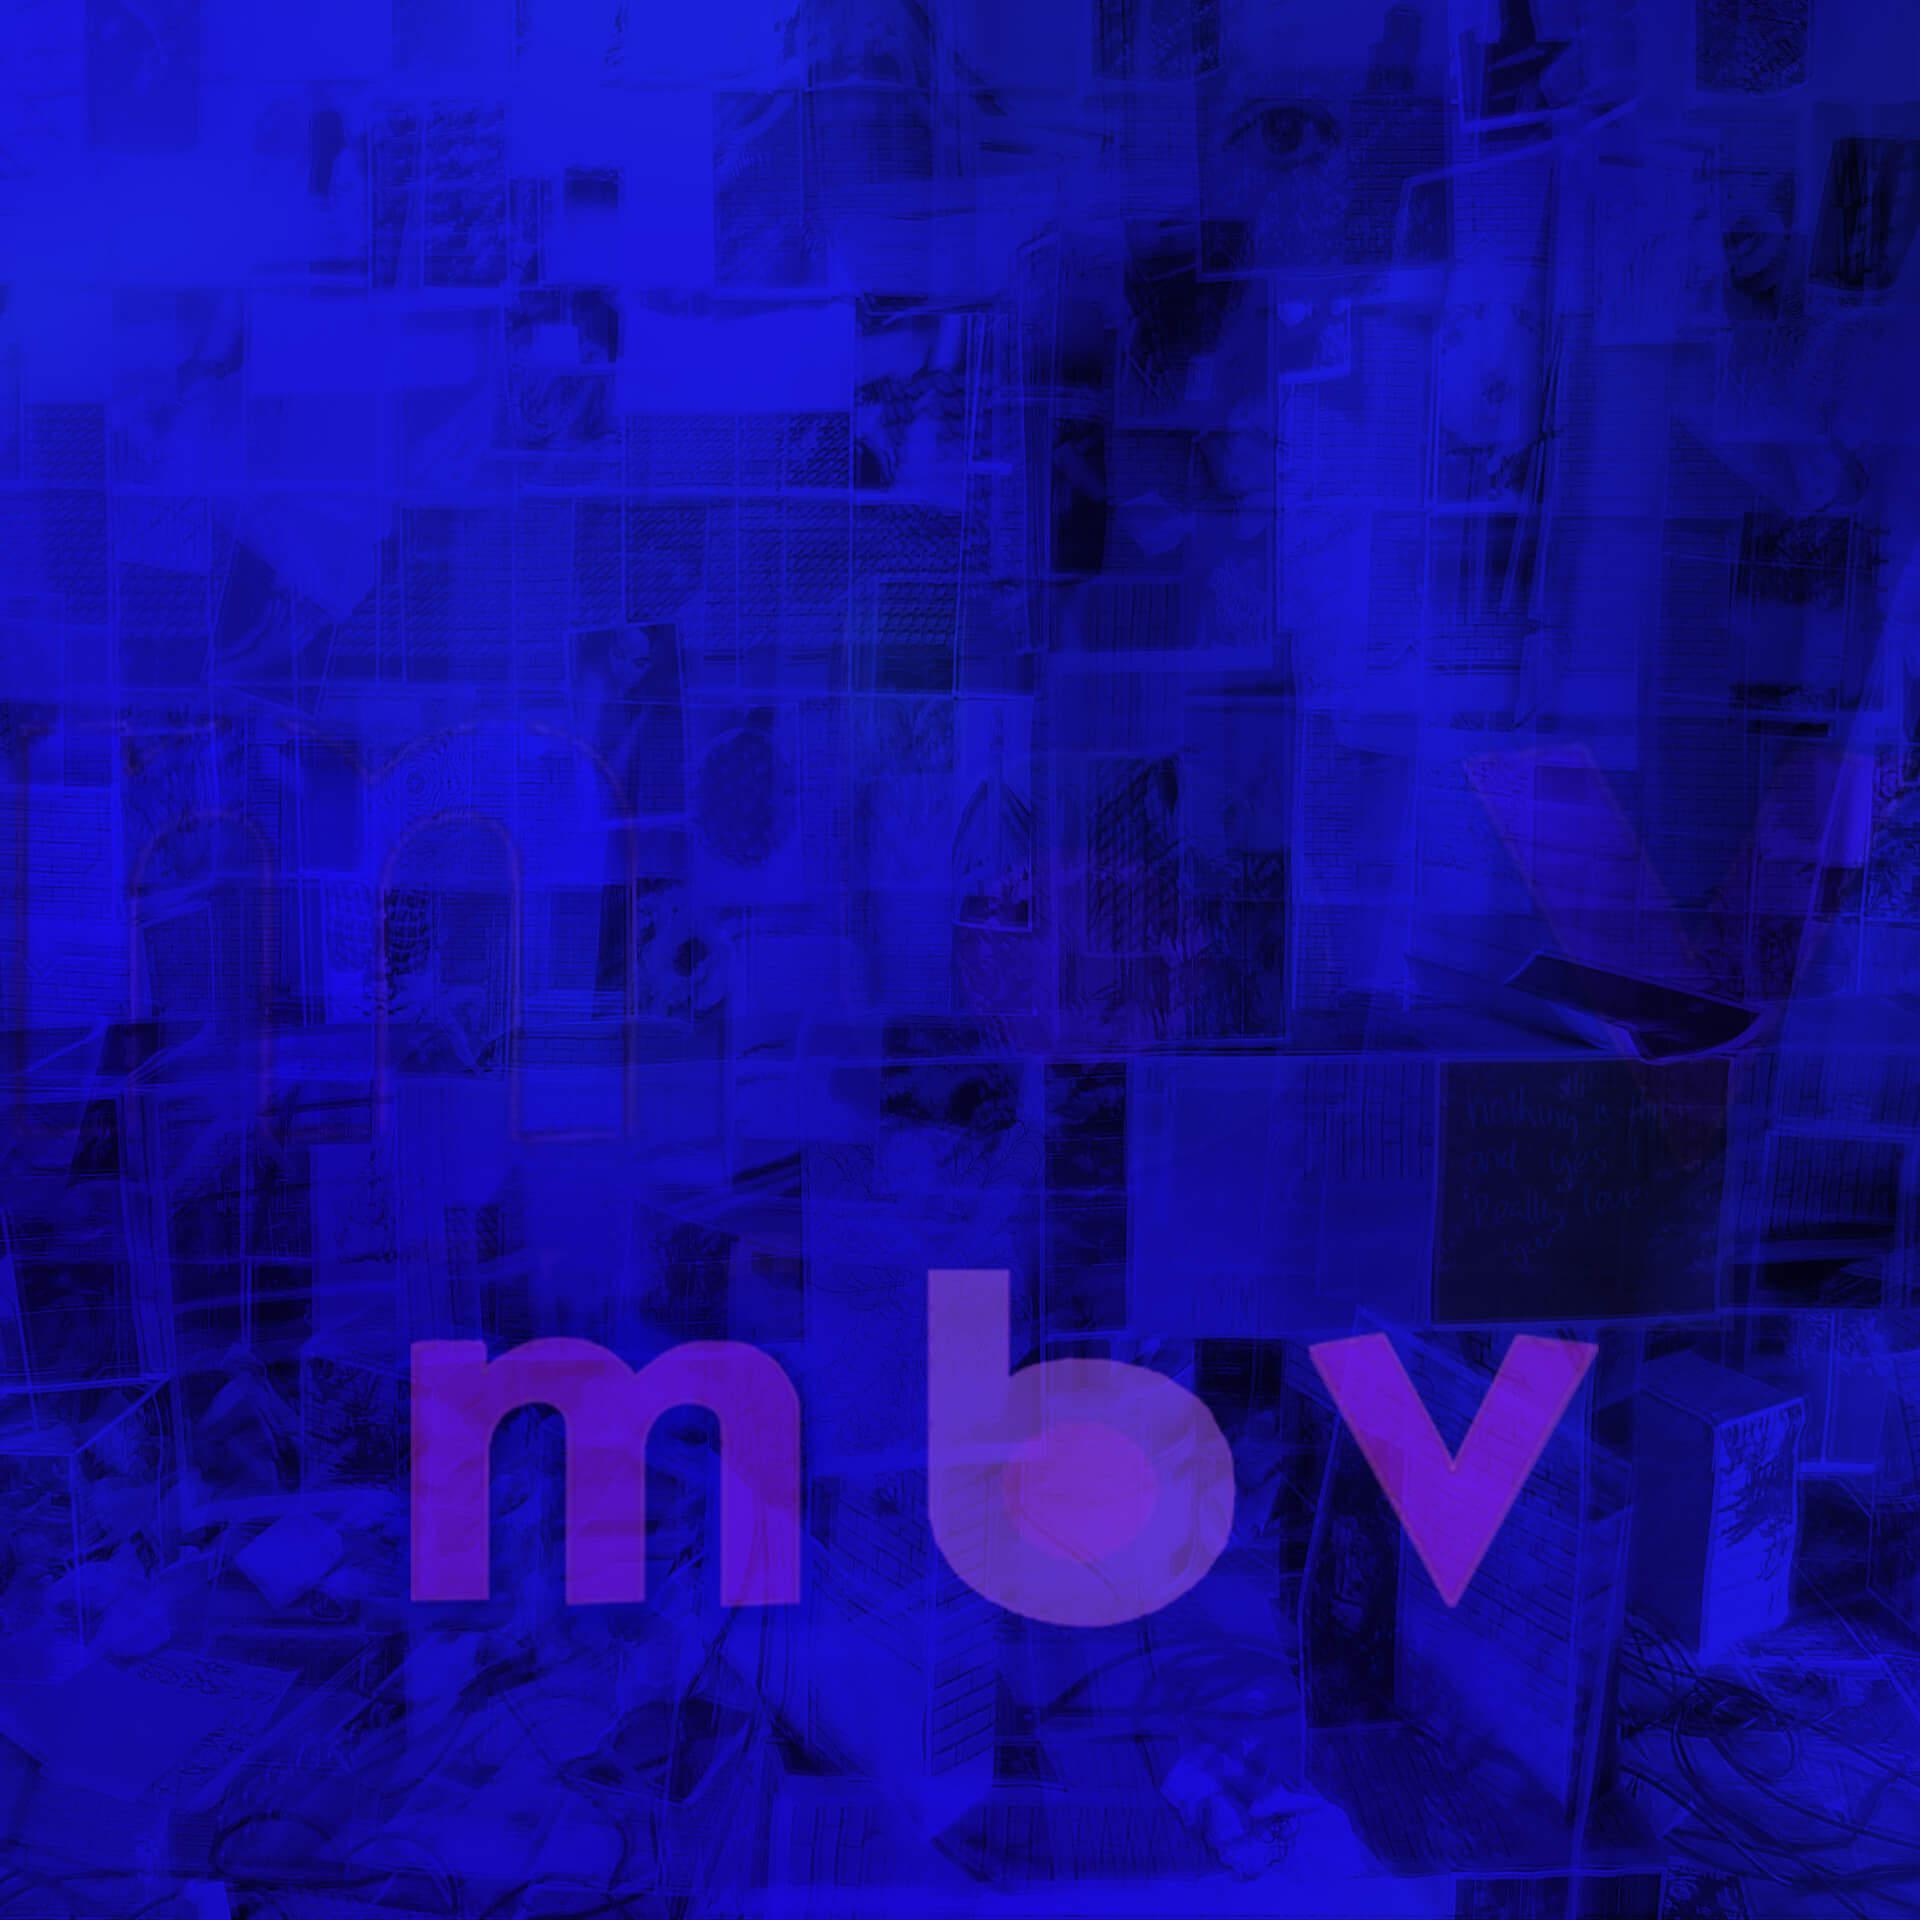 待望のサブスク解禁で話題のMy Bloody Valentineが英ラジオ局にて特別放送をキュレーション!5月には新装盤CDとLPの再発も music210413_mybloodyvalentine-210413_16